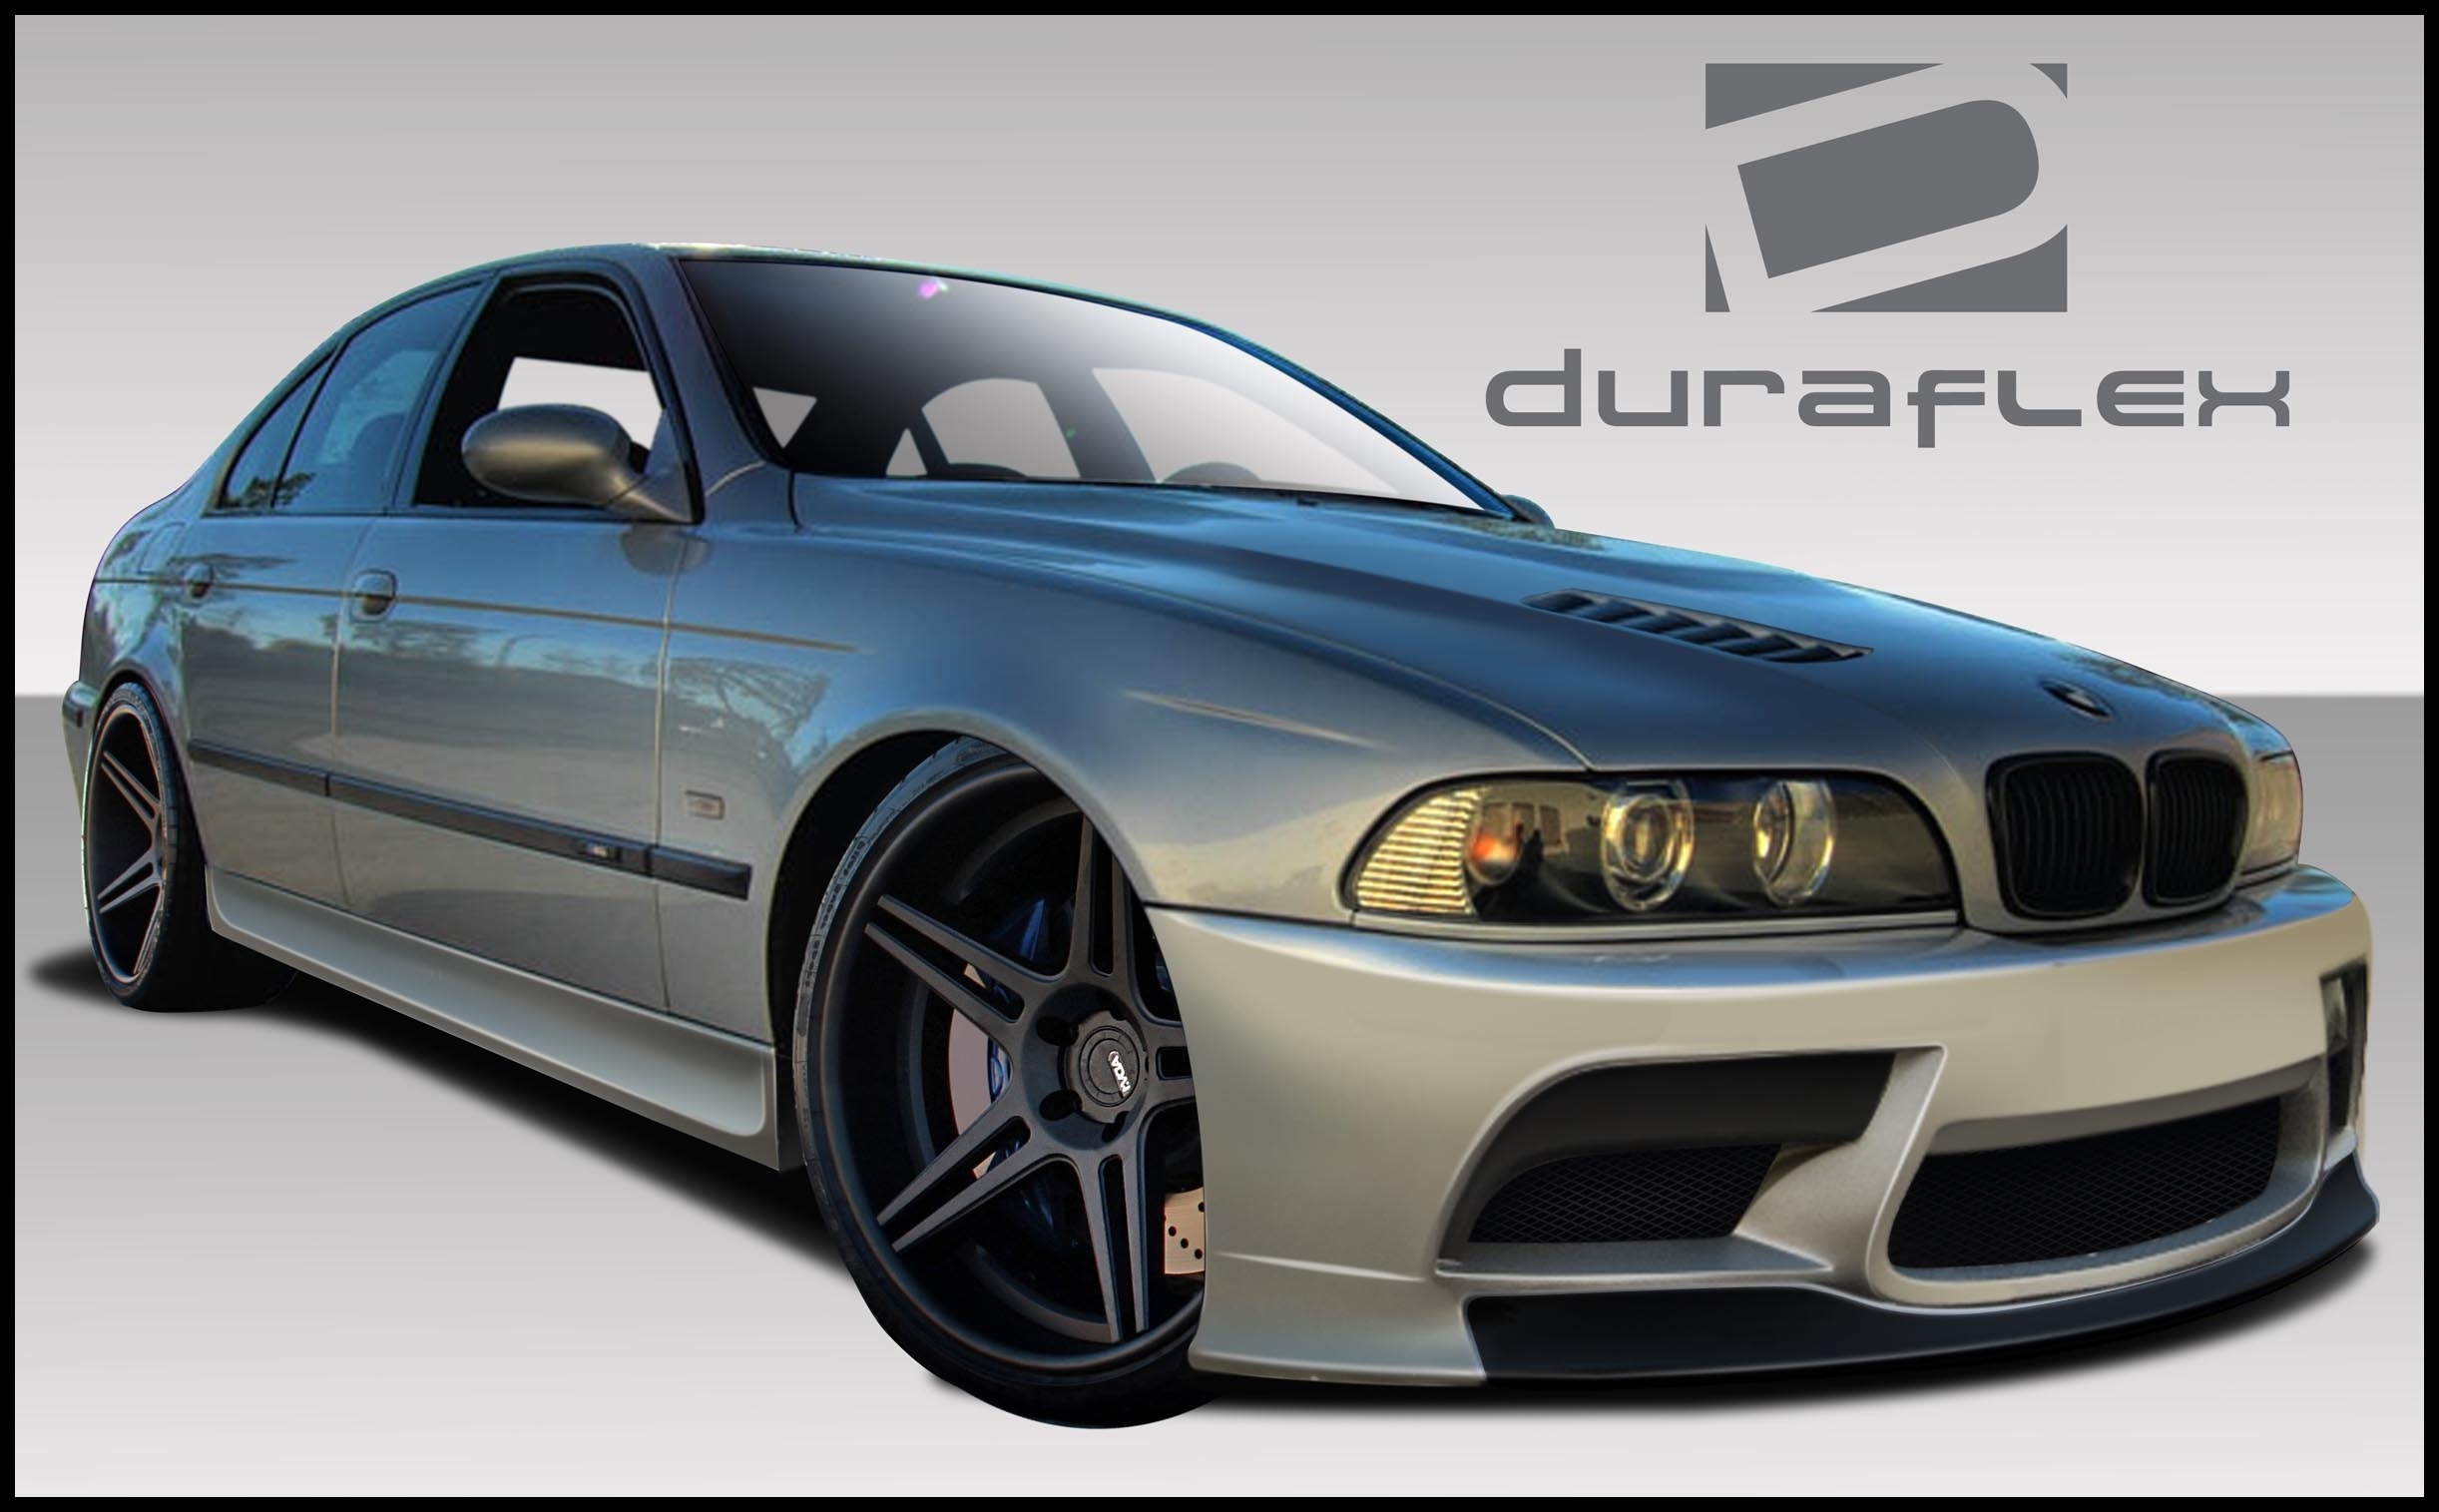 1997 2003 BMW 5 Series E39 Duraflex GT S Body Kit 4 Piece Body Kit